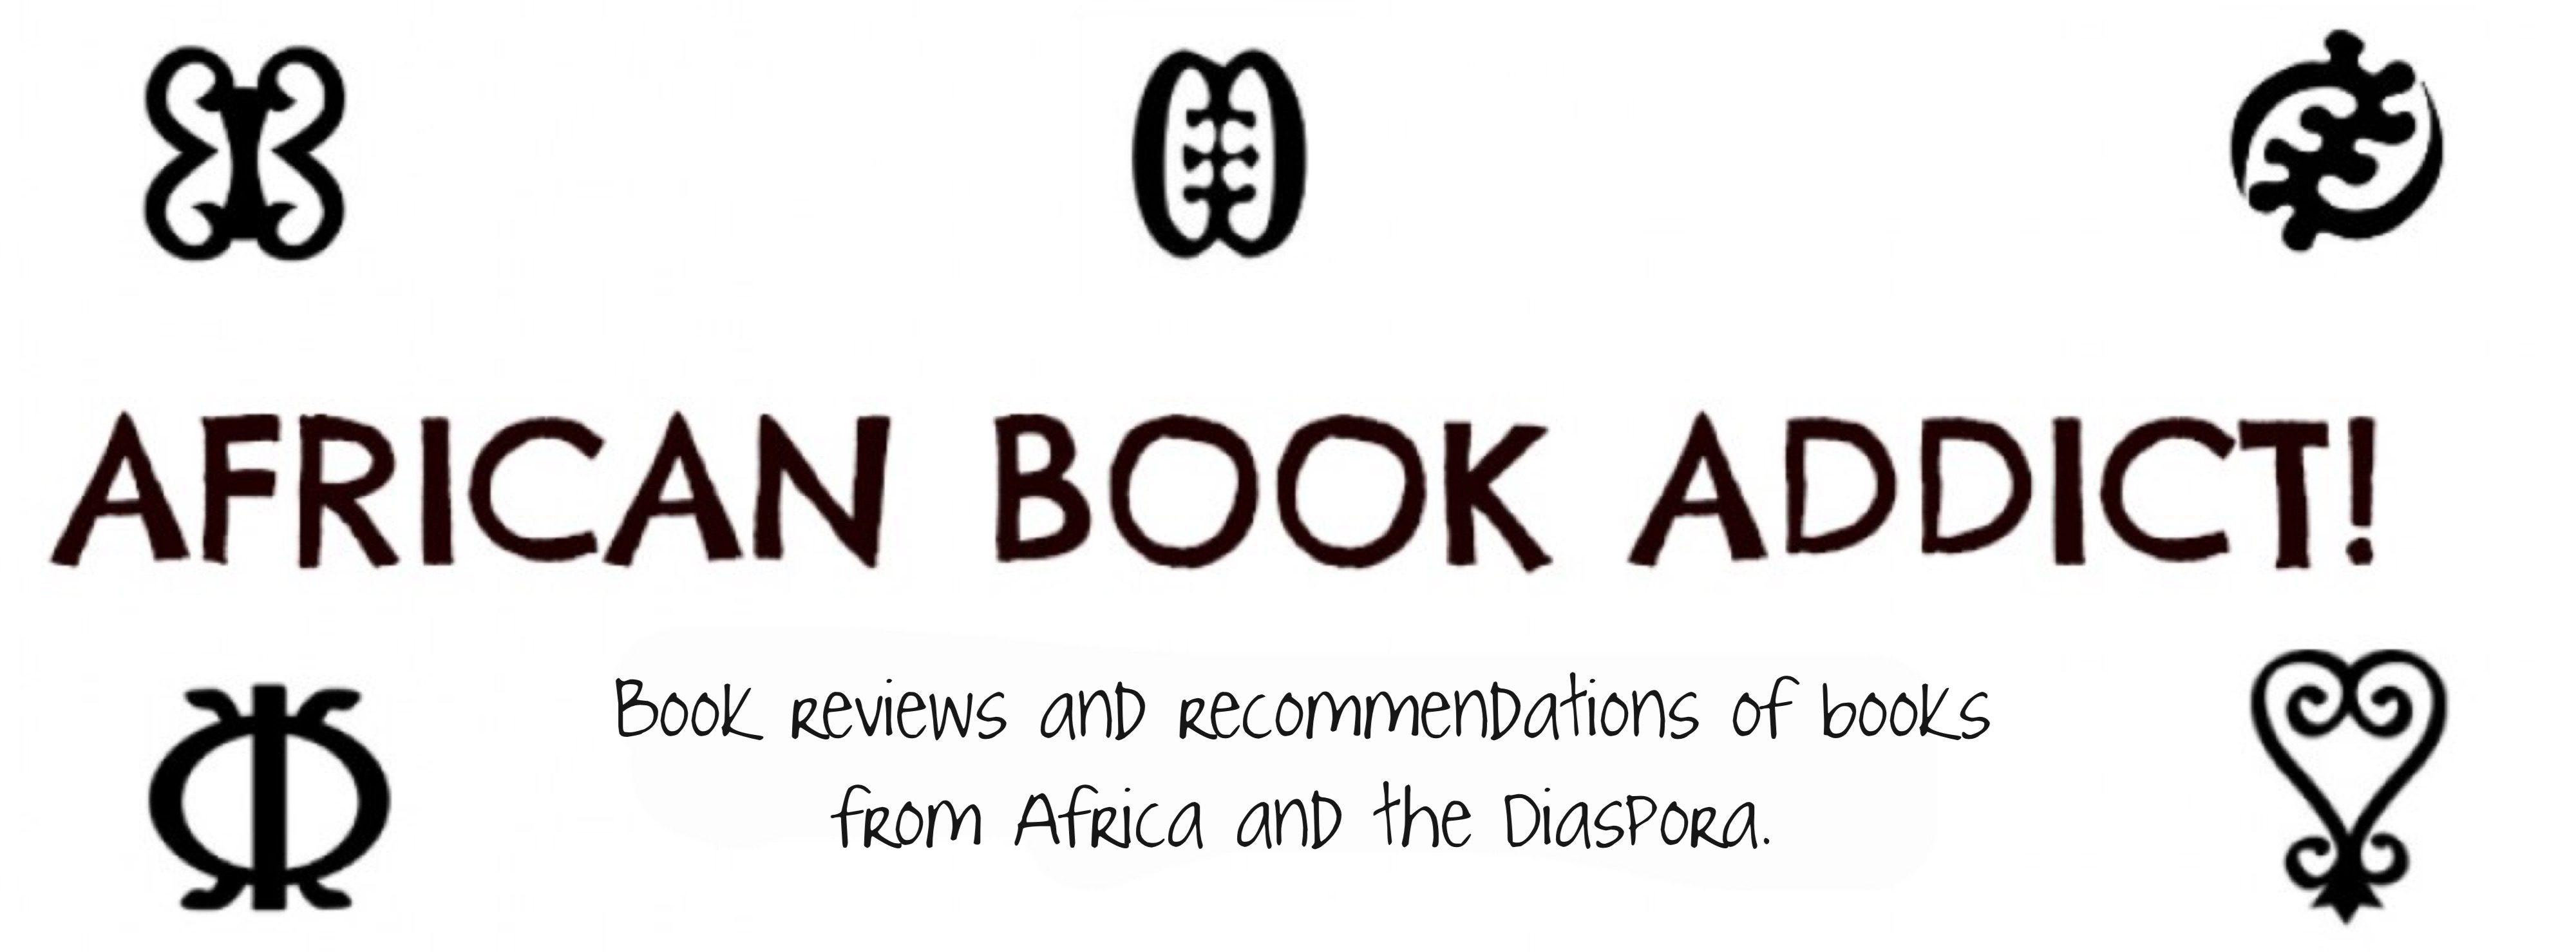 African Book Addict!